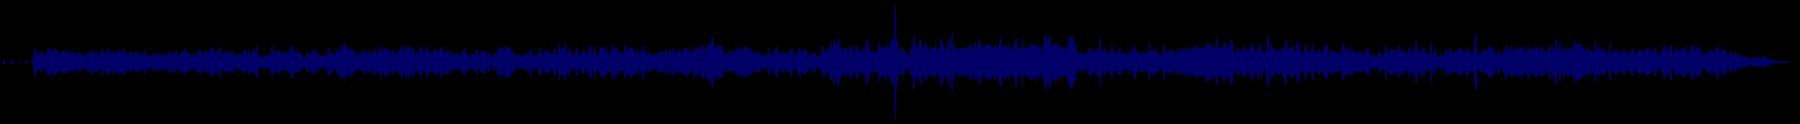 waveform of track #77396